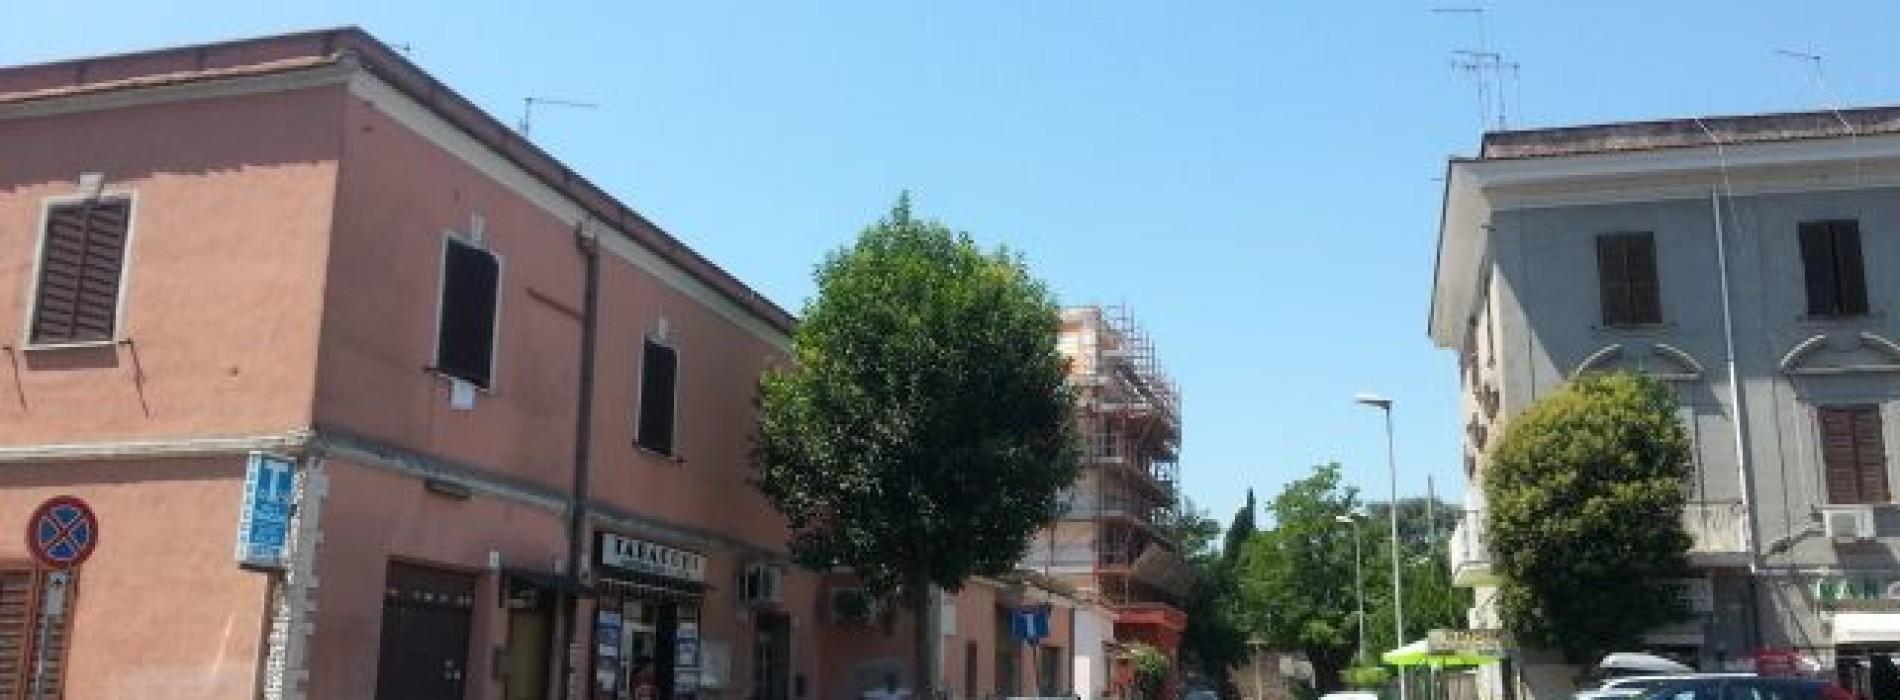 Roma, via dei Savorgnan al Pigneto Certosa: da Chourmo a Shakespeare & Co, enoteche con libri e ristoranti alla buona, bar storici e mercatini bio